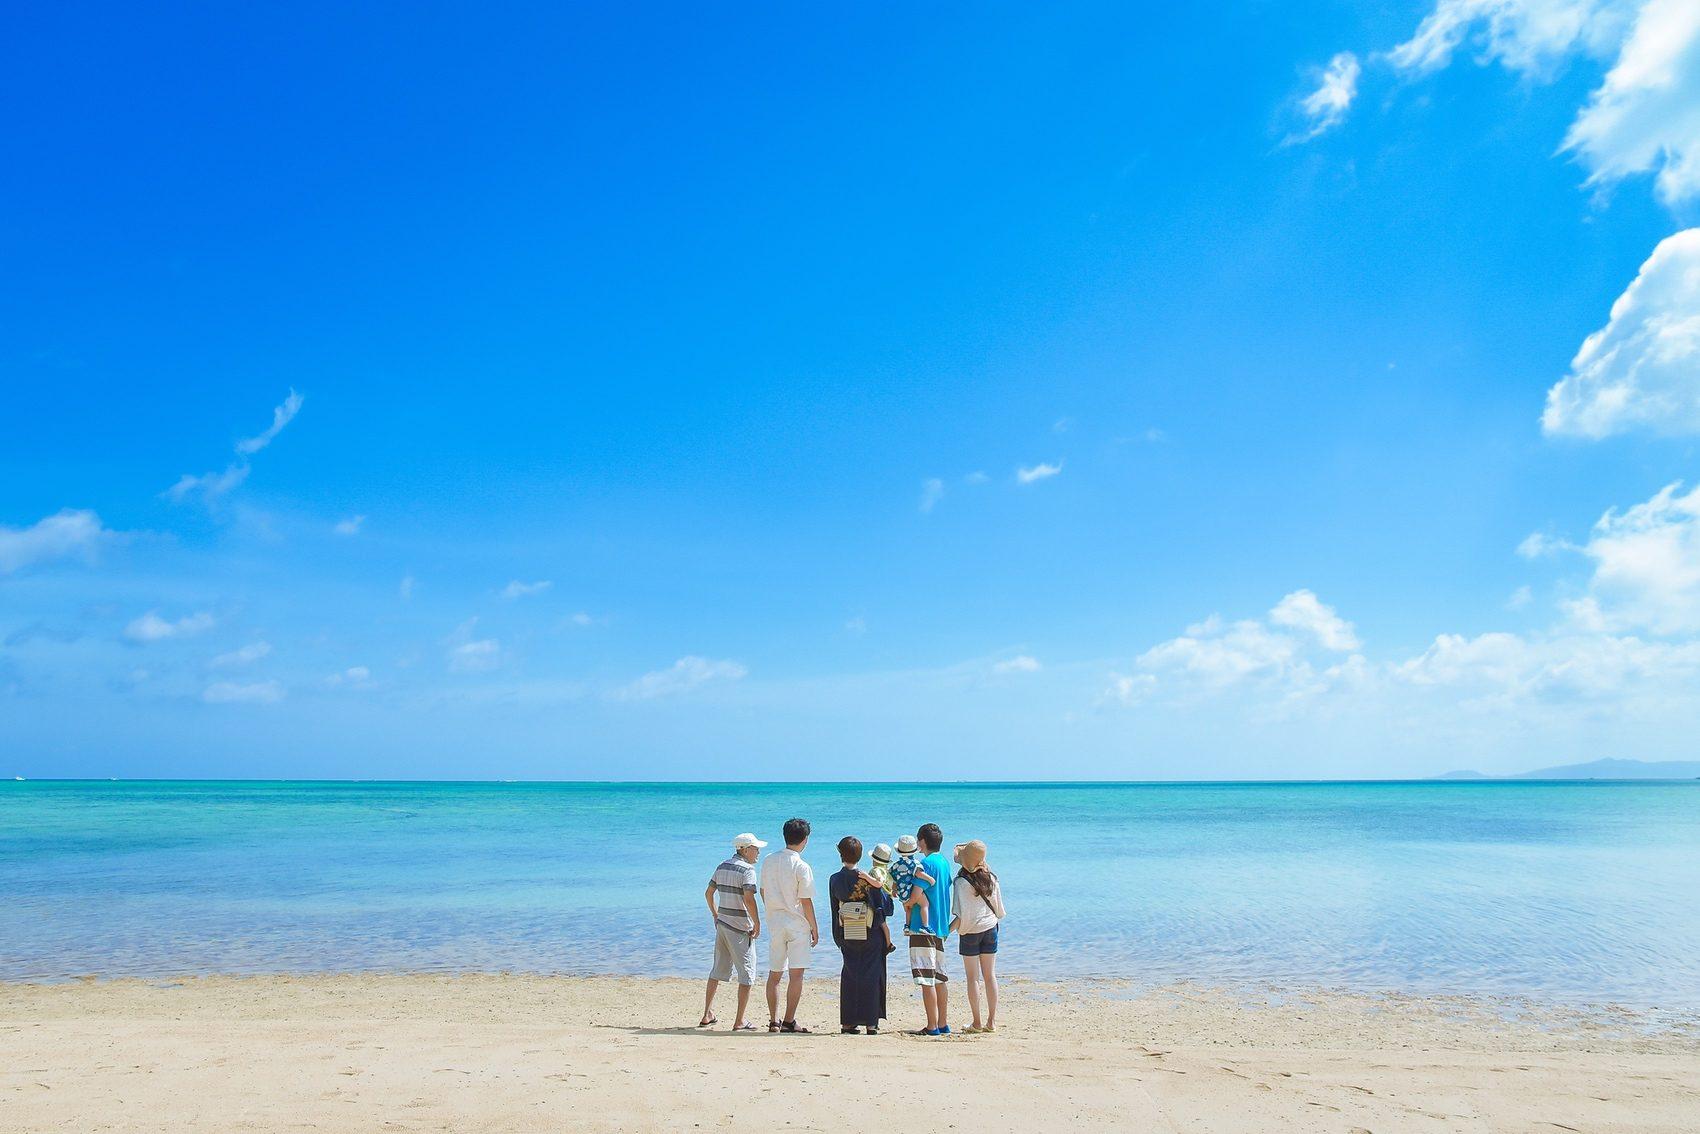 海を眺める家族の後ろ姿